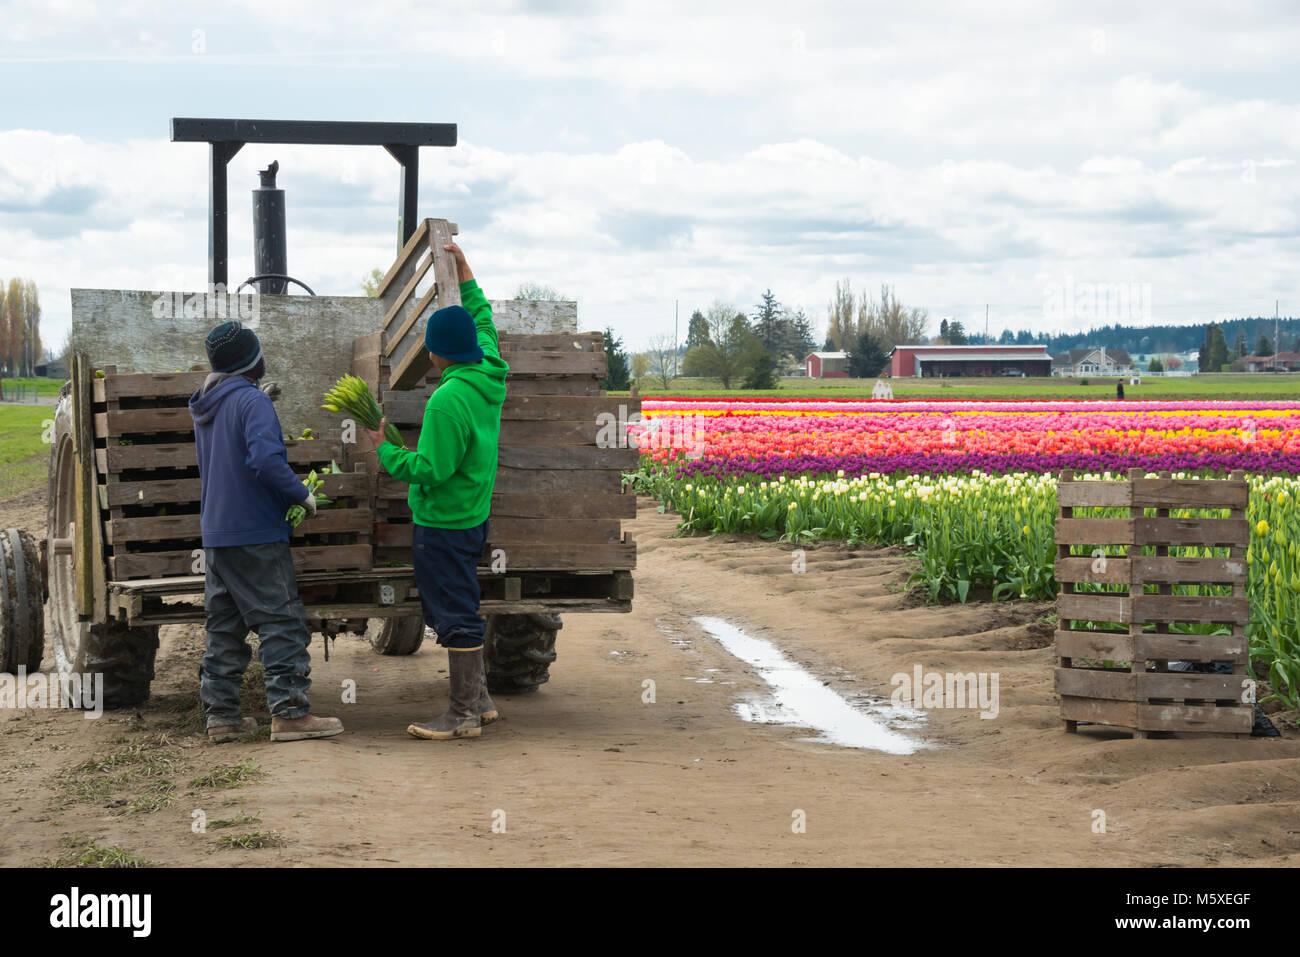 Los trabajadores agrícolas migratorios Cargando flores en remolque el tractor en la granja Imagen De Stock